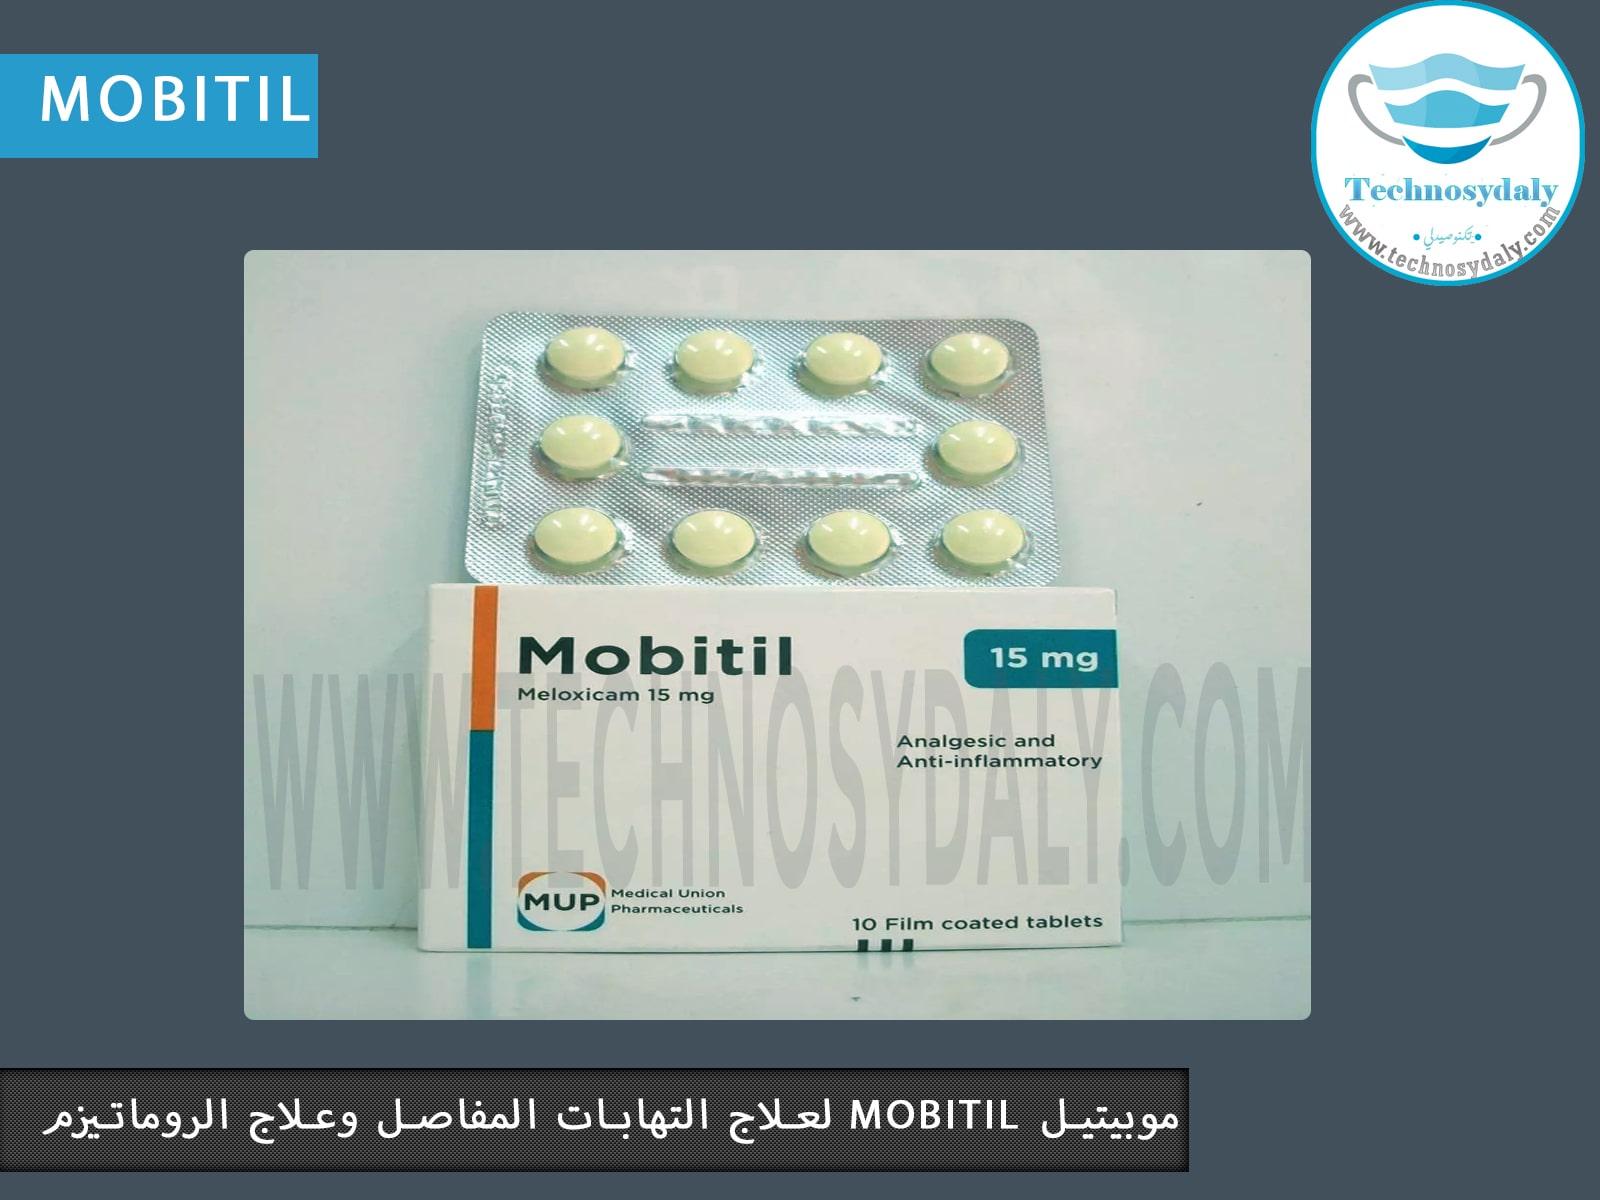 موبيتيل mobitil لعلاج التهابات المفاصل وعلاج الروماتيزم